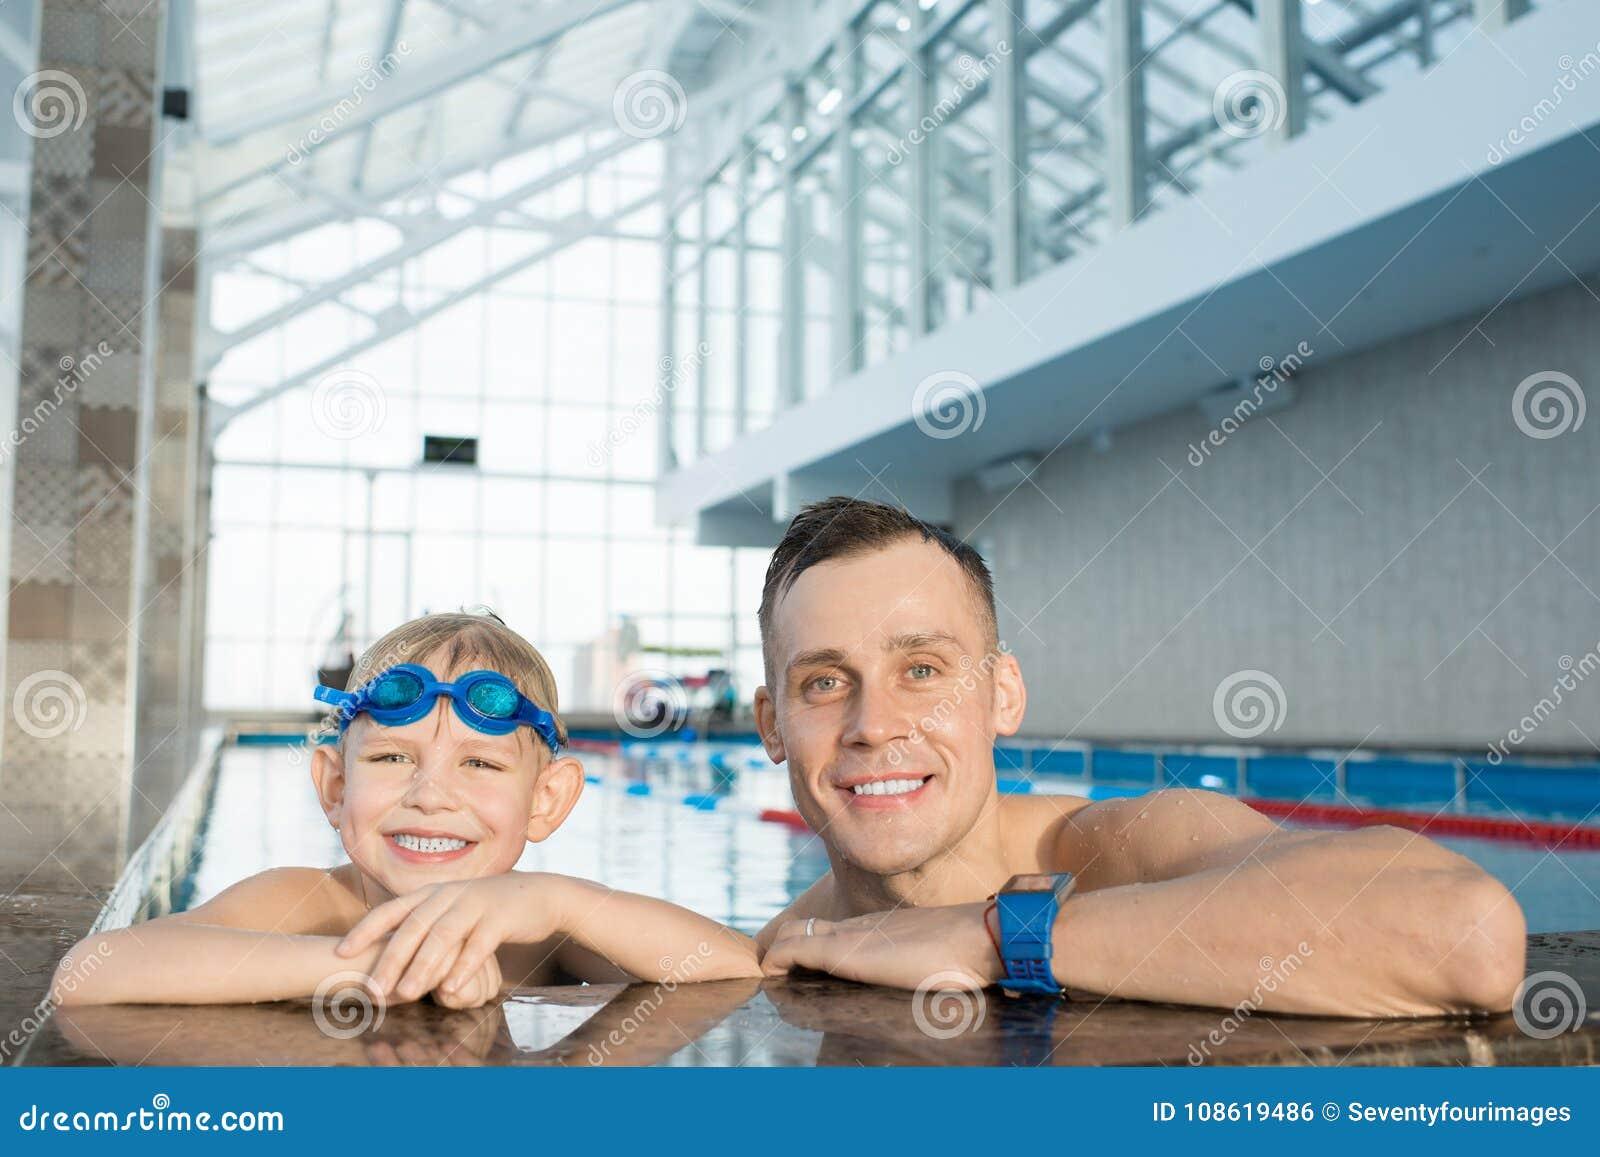 Nadador pequeno e seu treinador considerável